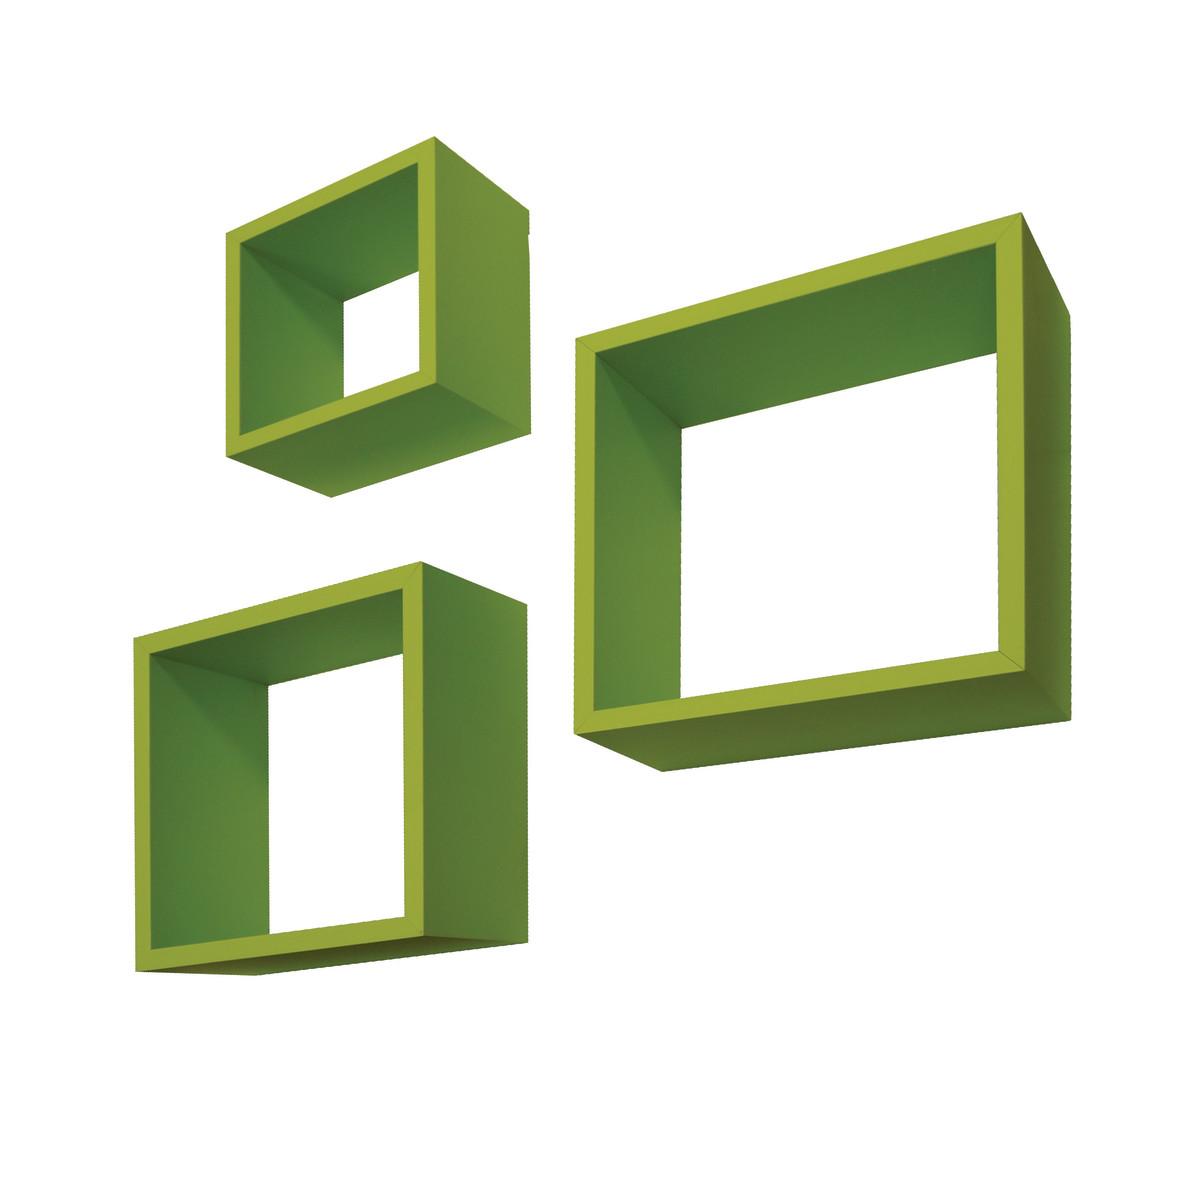 Piastrelle mattoni moderni - Camera da letto verde mela ...